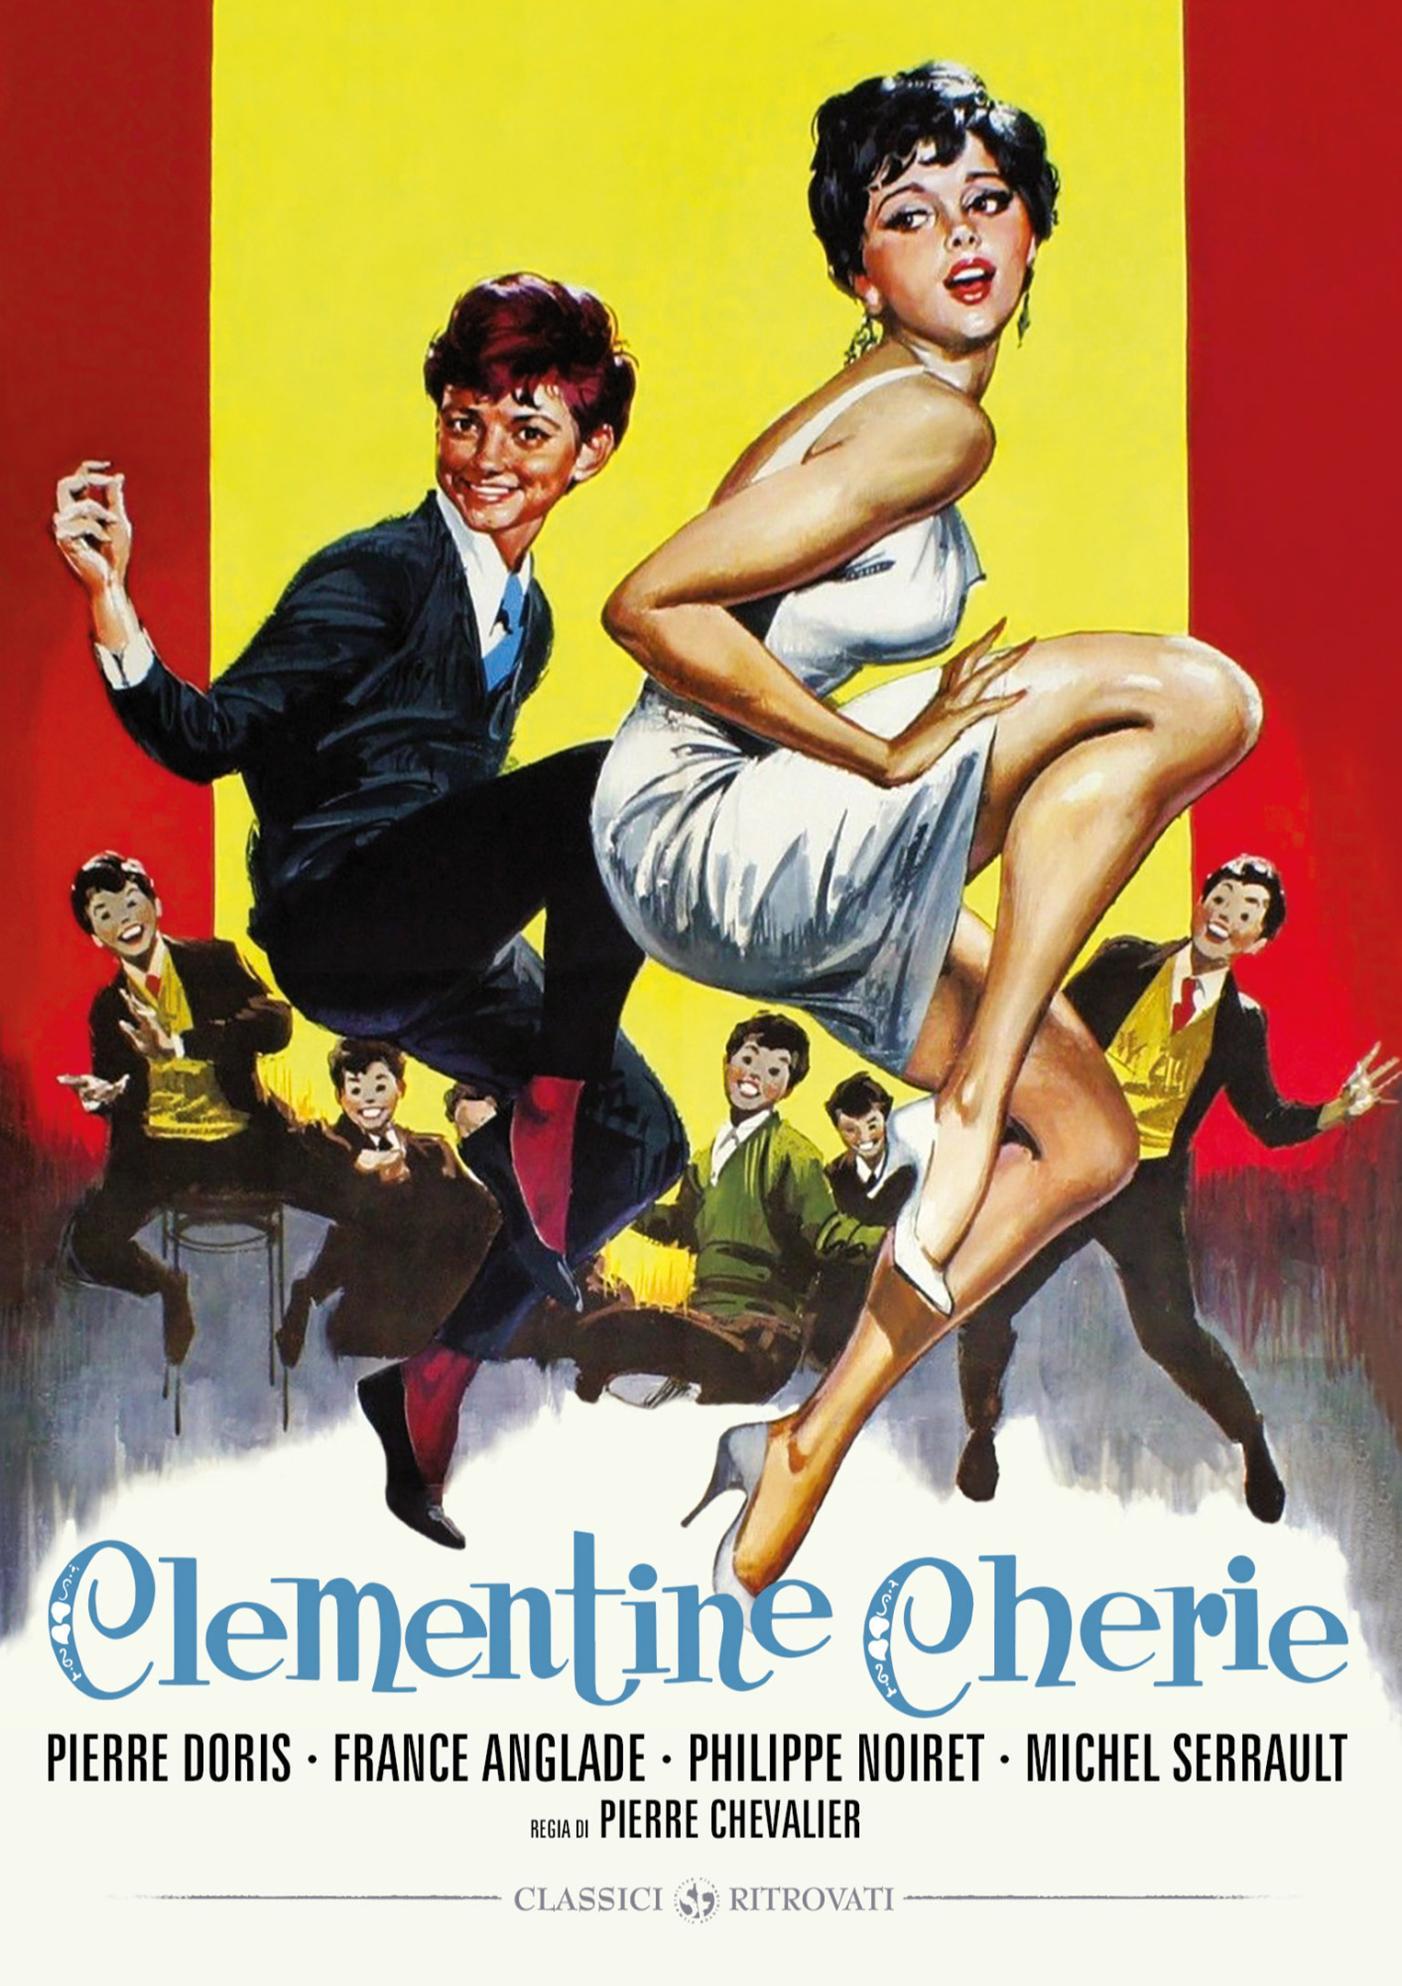 CLEMENTINE CHERIE (DVD)